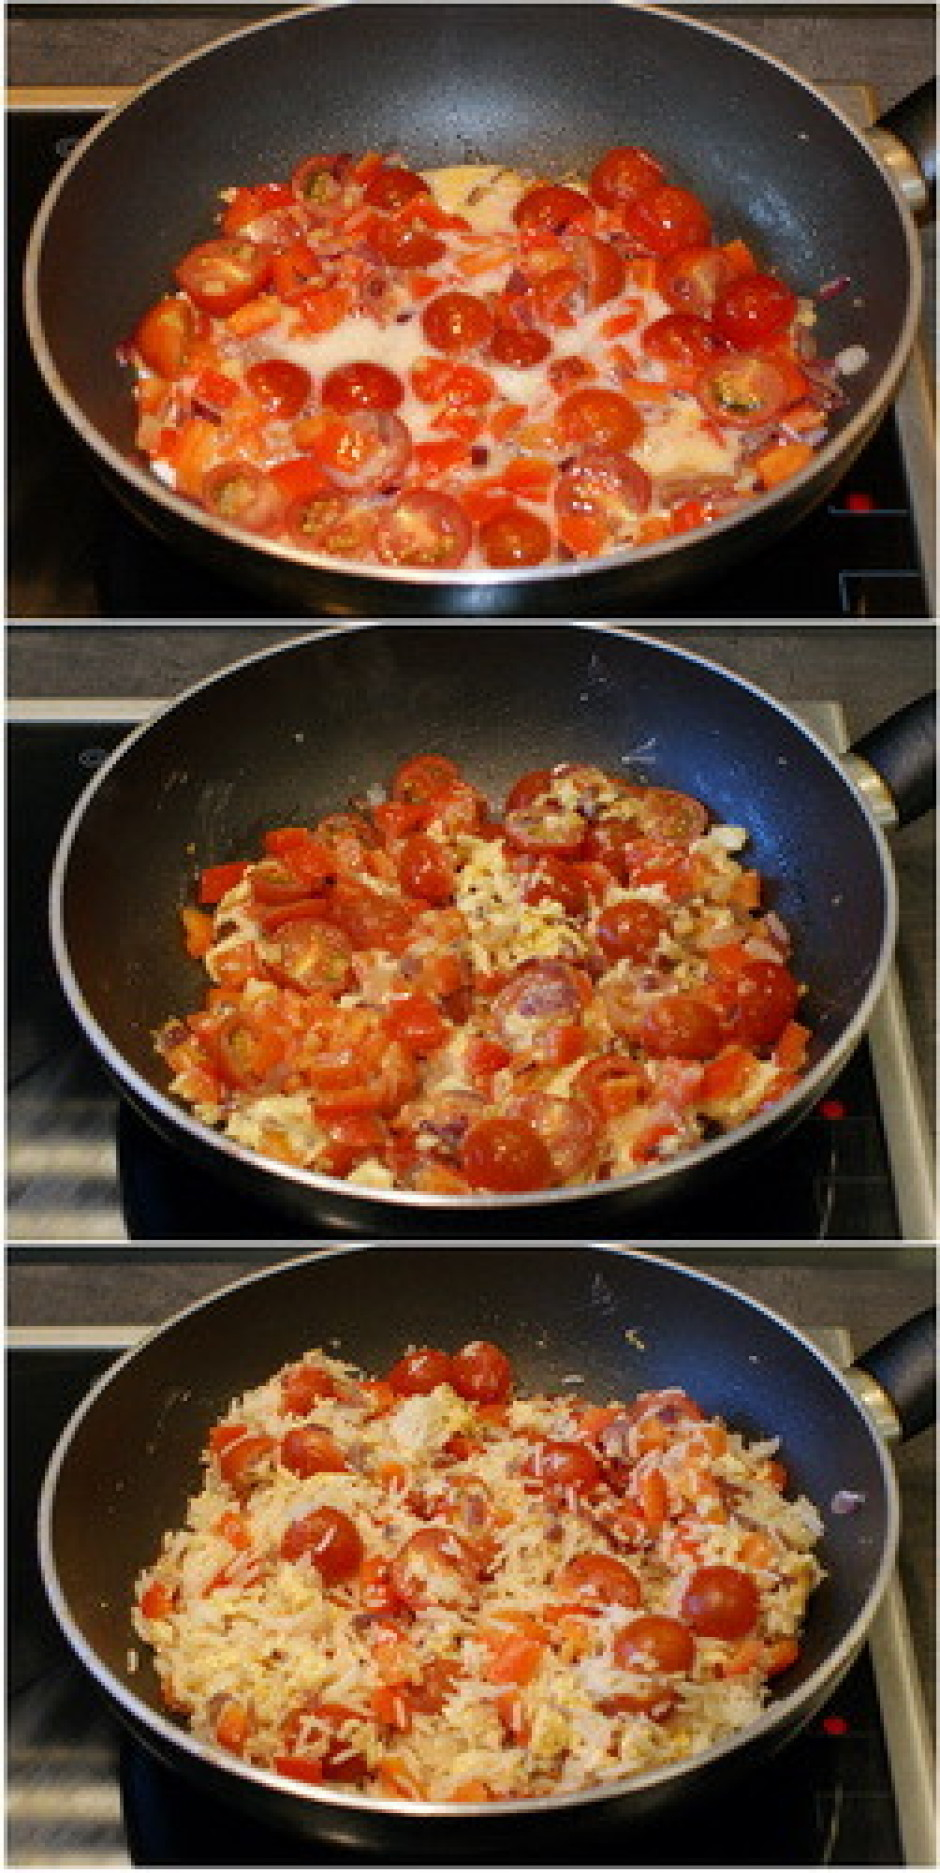 Masai pievieno novārītos rīsus, maisot cep apmēram 3 minūtes...